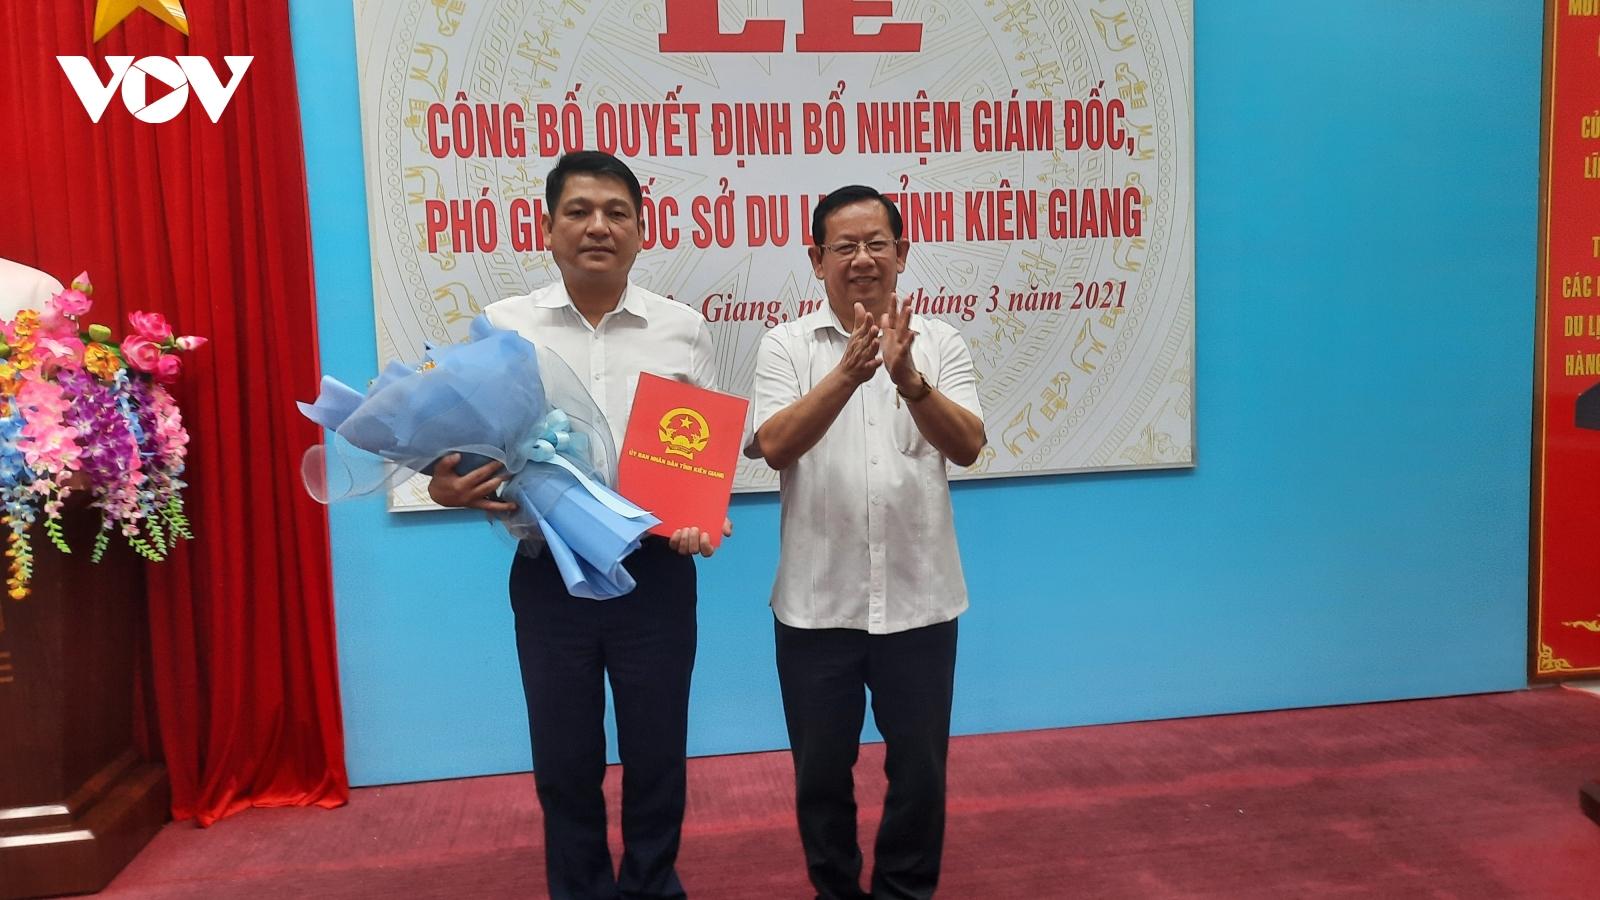 Kiên Giang bổ nhiệm Giám đốc và Phó Giám đốc Sở Du lịch tỉnh